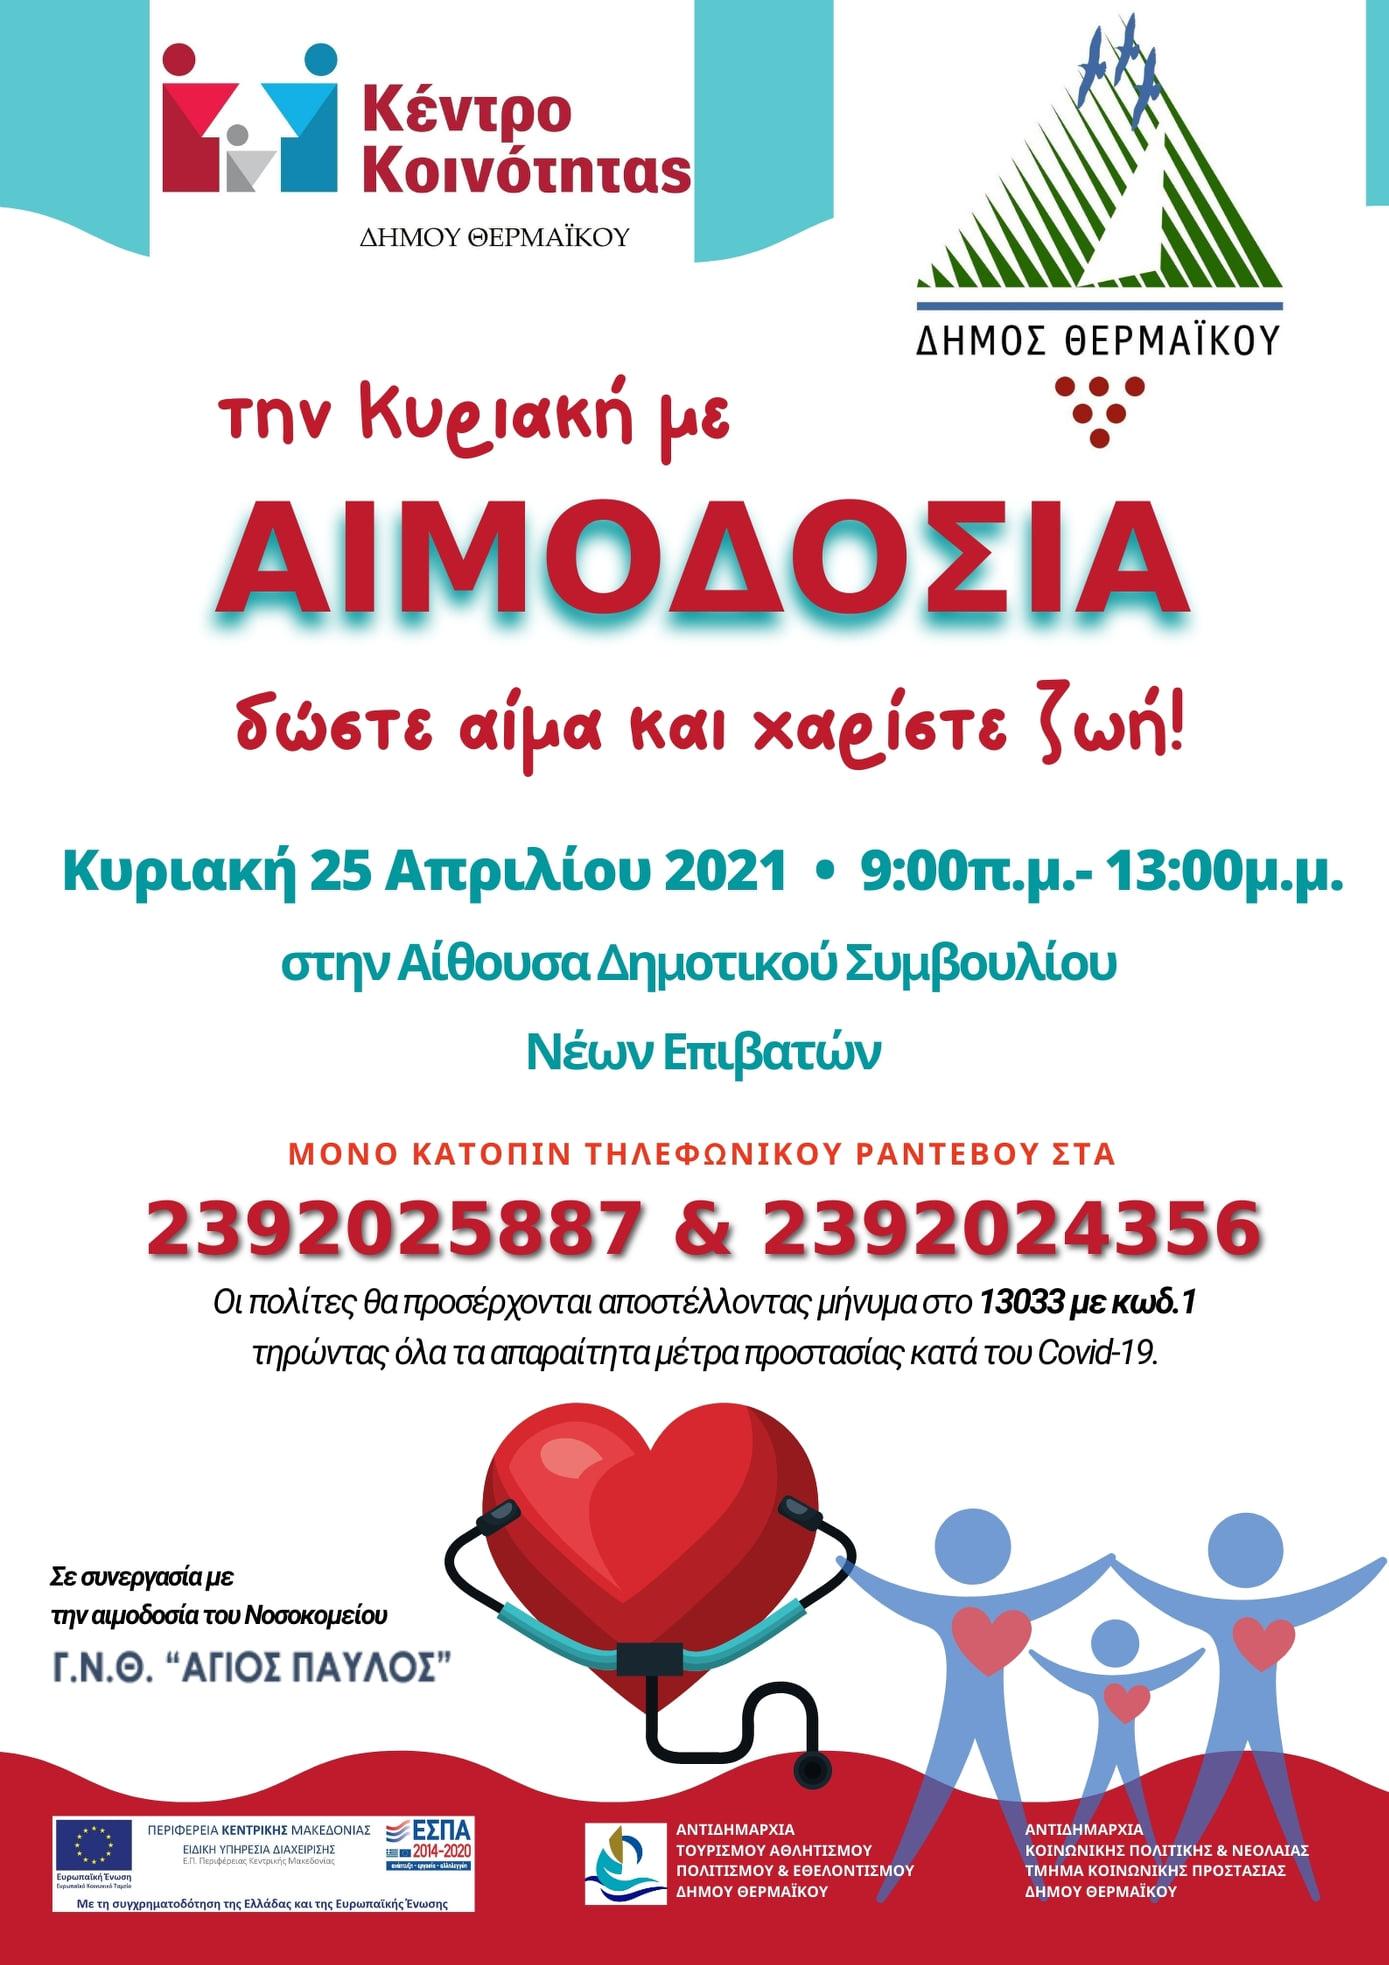 5η εθελοντική αιμοδοσία στον Δήμο Θερμαϊκού